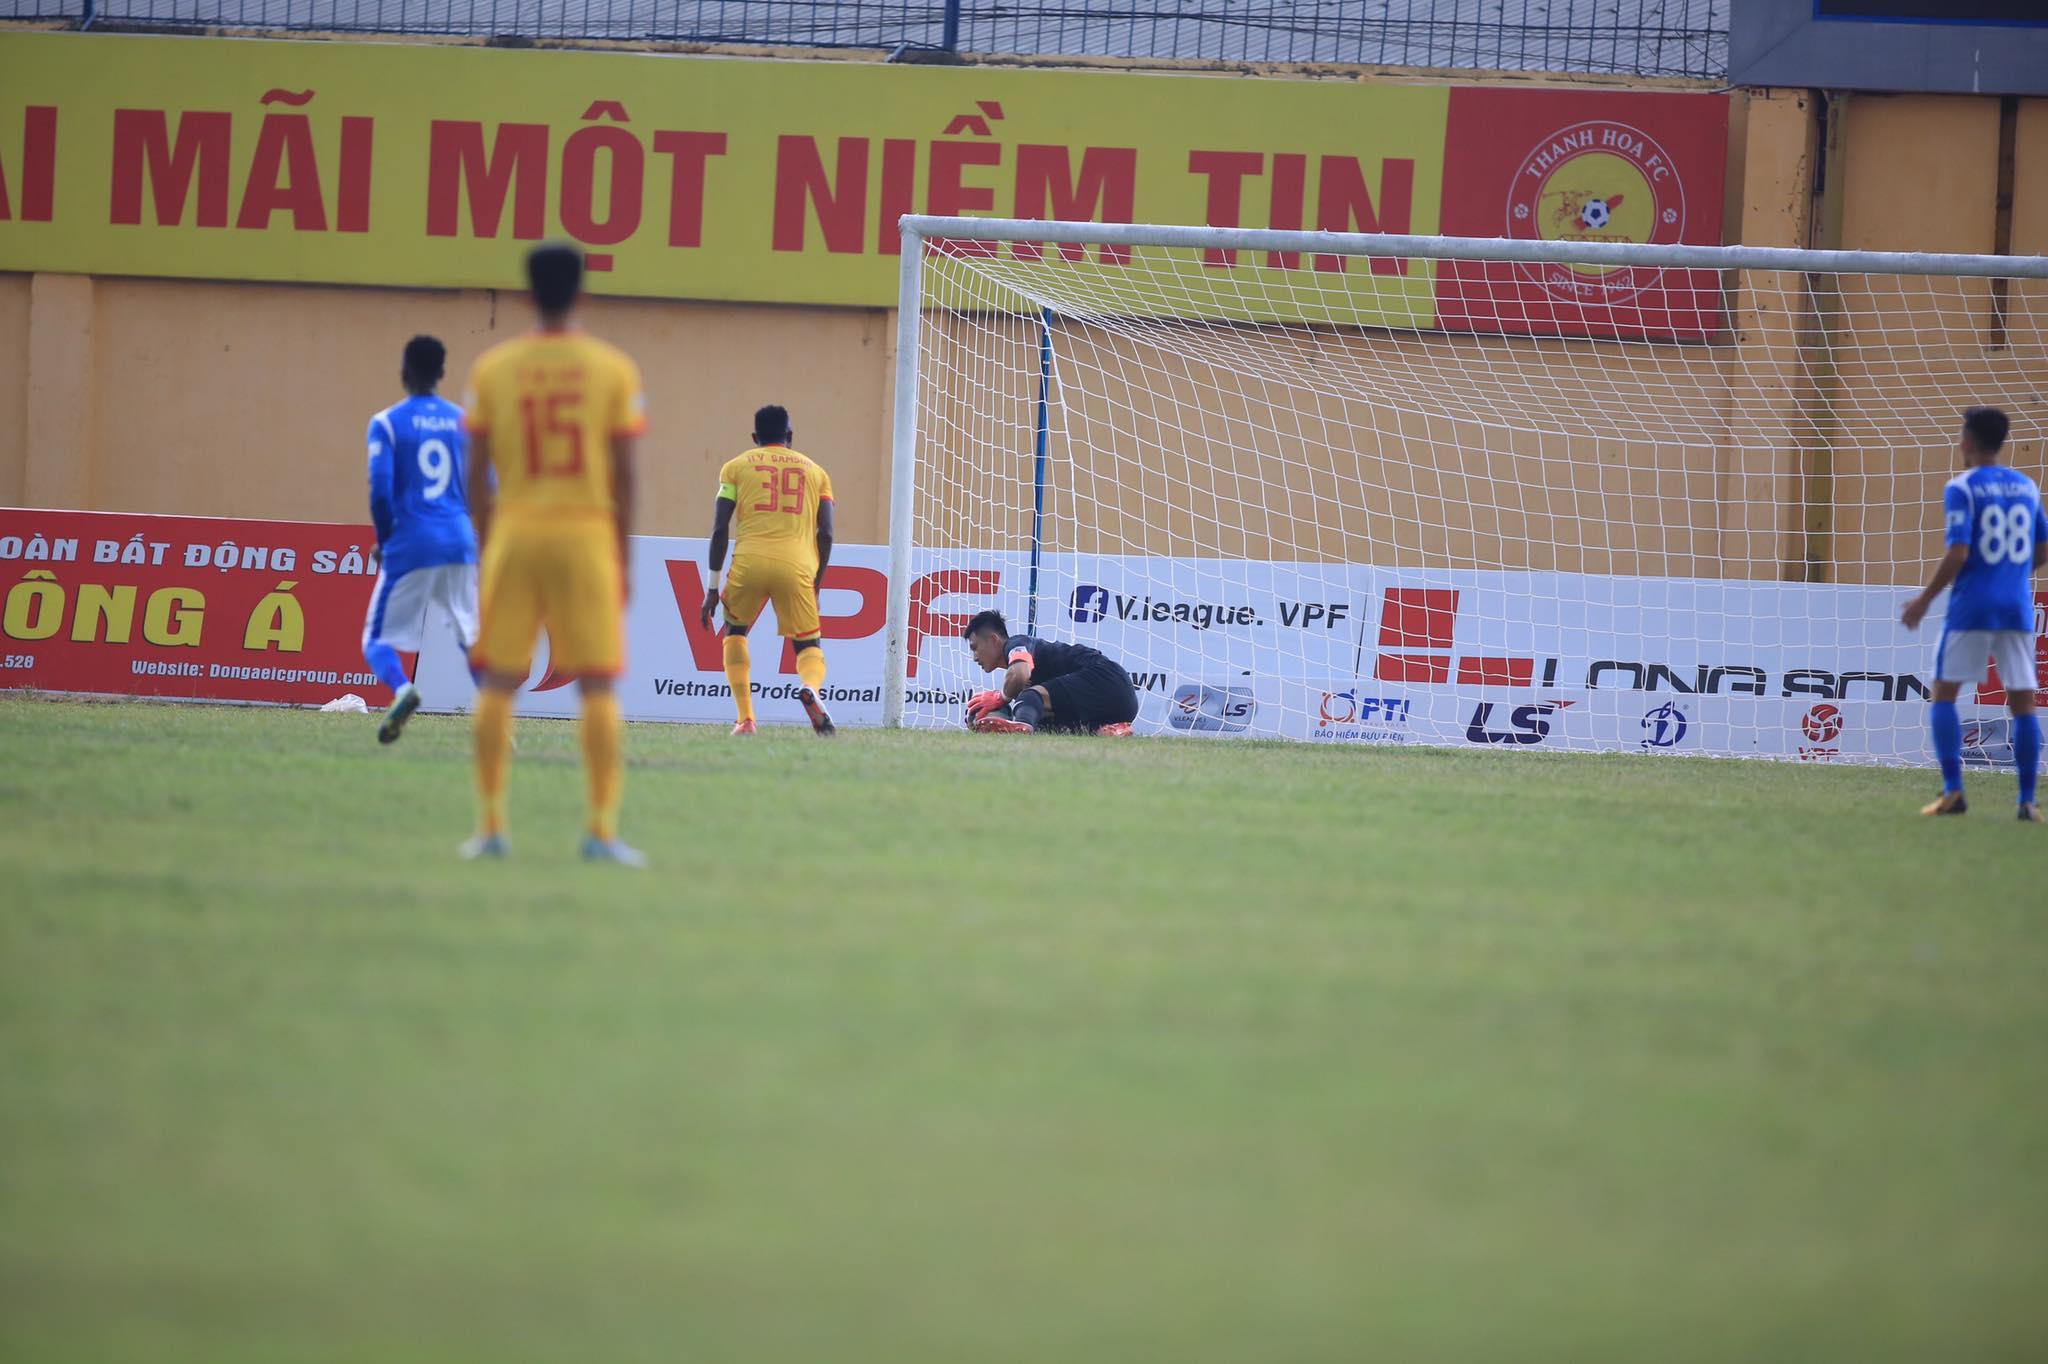 Samson thực hiện không thành công quả penalty ngay đầu trận - Ảnh: Minh Tuấn